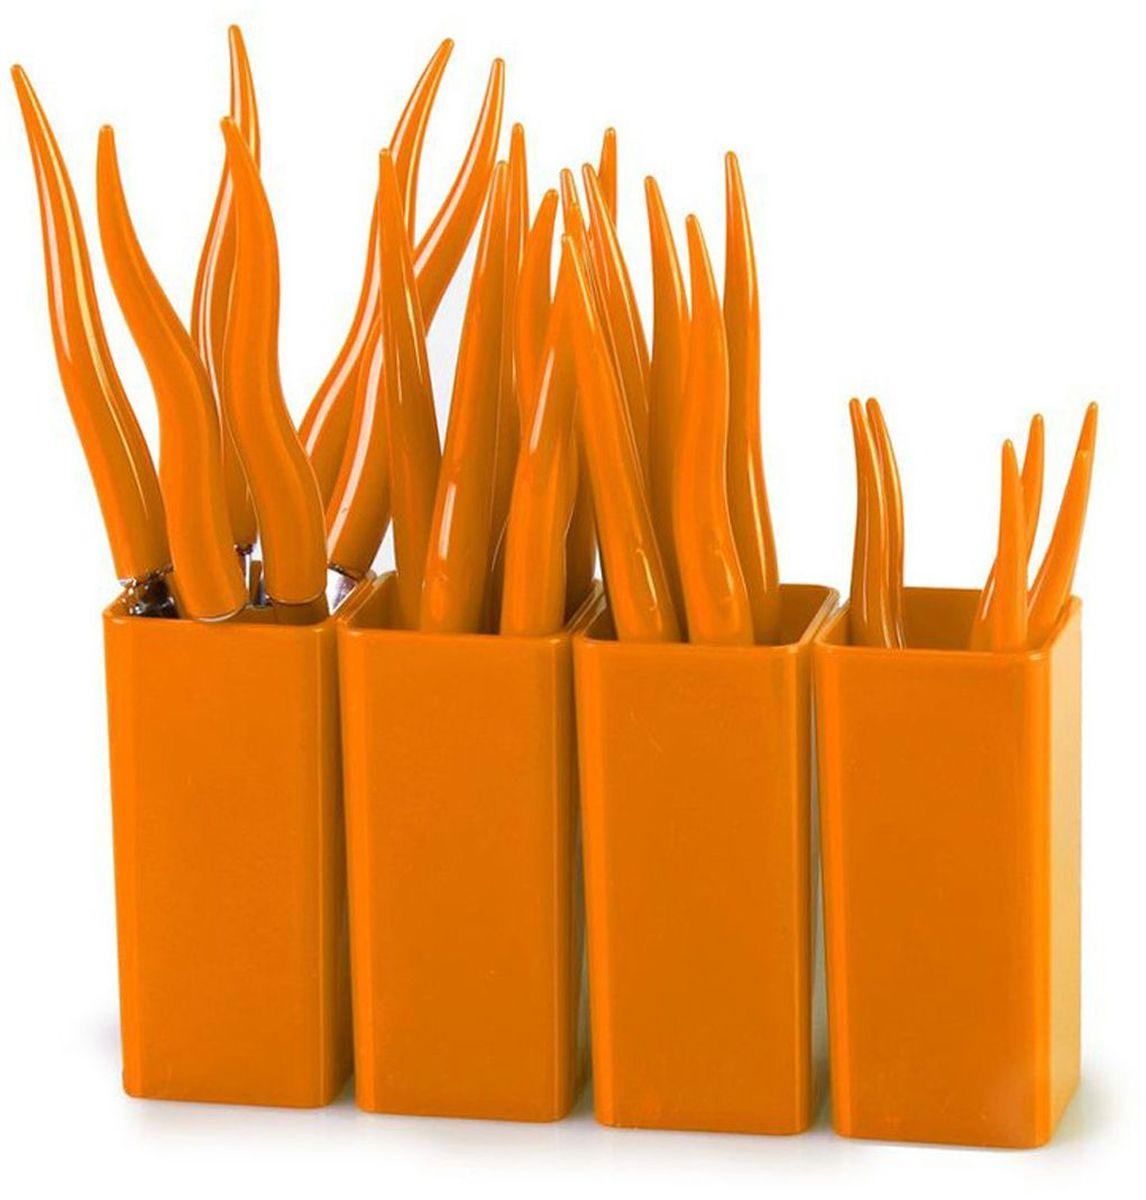 Набор столовых приборов MoulinVilla Chili, цвет: оранжевый, 24 предмета115510Набор MOULINvilla Chili состоит из 6 вилок, 6 ножей, 6 столовых ложек, 6 чайных ложек, 4 подставок, выполненных из нержавеющей стали. Рукоятки столовых приборов изготовлены из высокопрочного пластика. Сервировка праздничного стола таким набором станет великолепным украшением любого торжества.